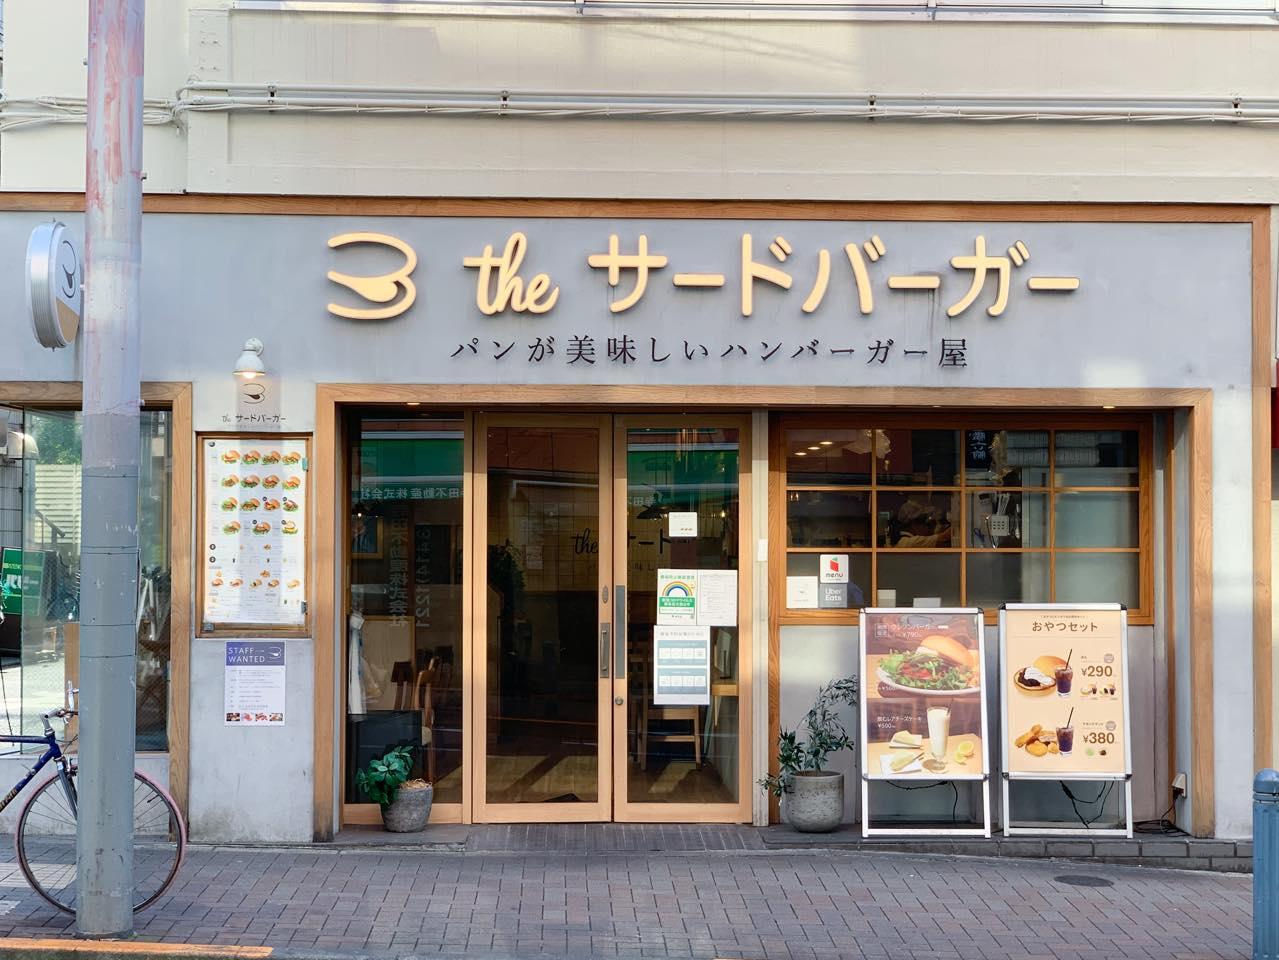 theサードバーガー 三軒茶屋店